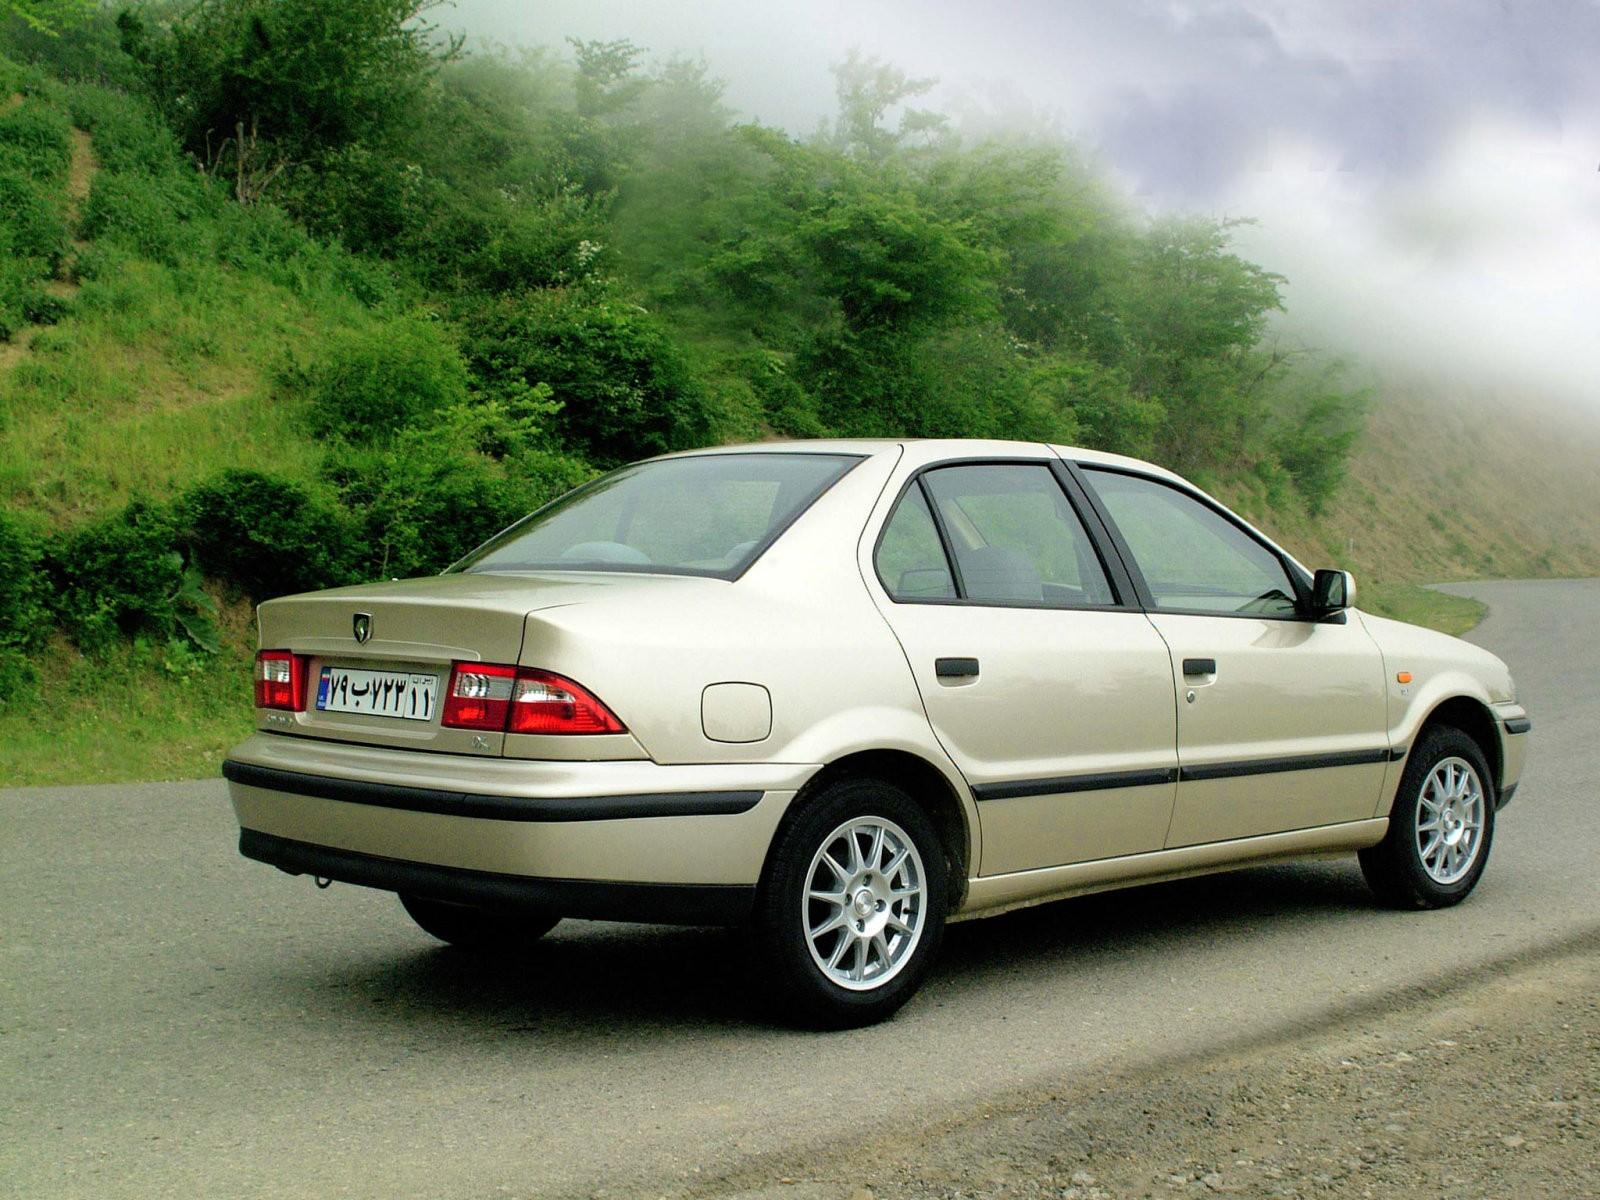 Iran Khodro Samand photo car